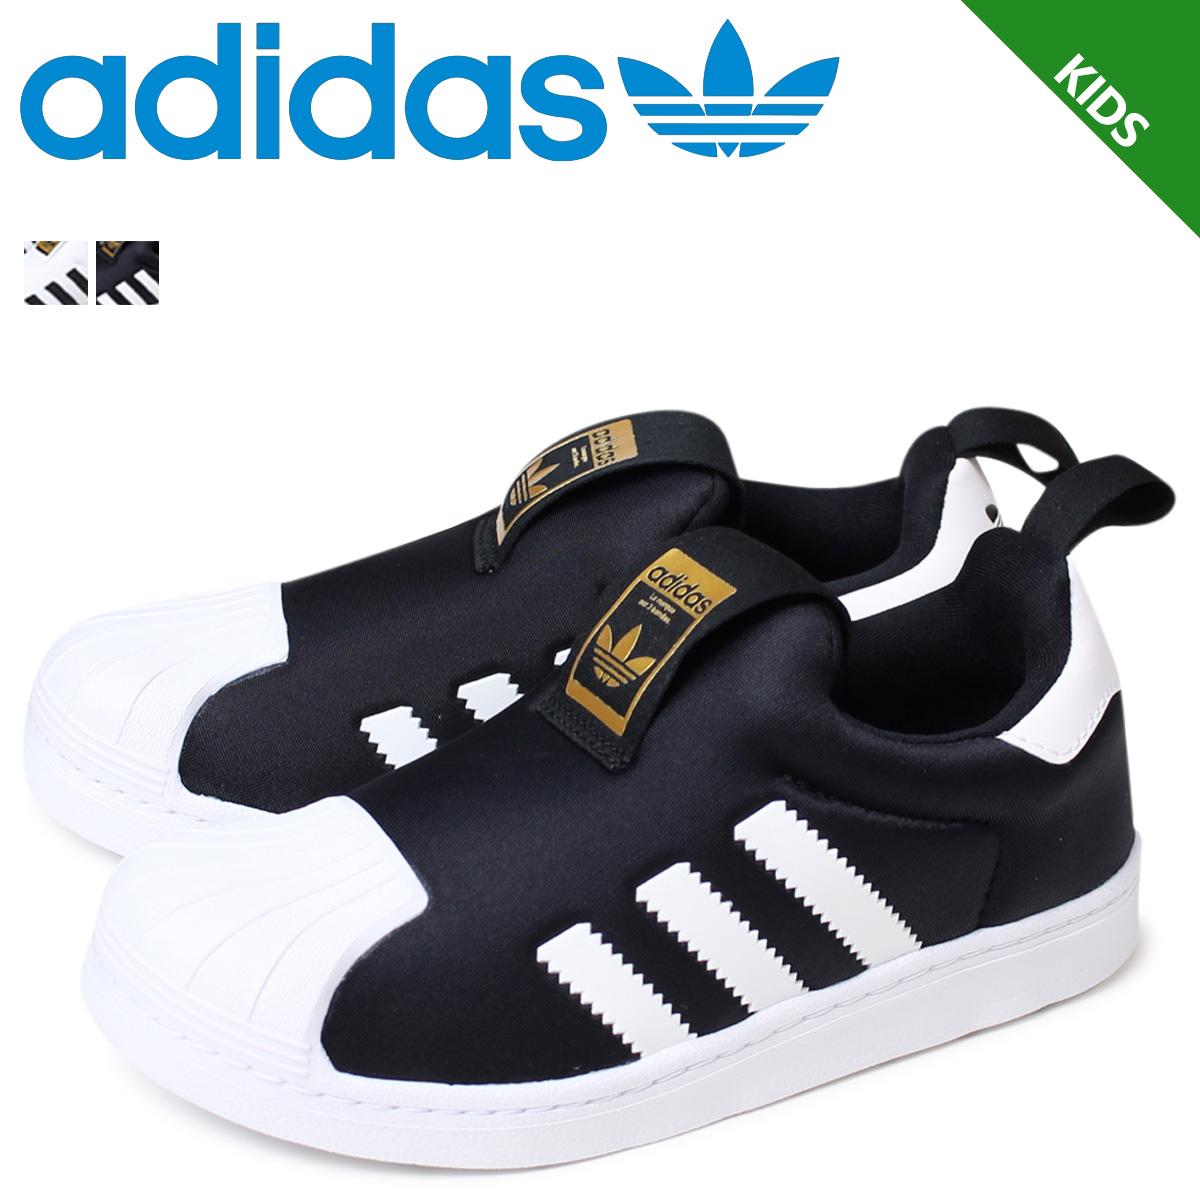 Kids adidas Superstar   adidas Originals Footwear   JD Sports